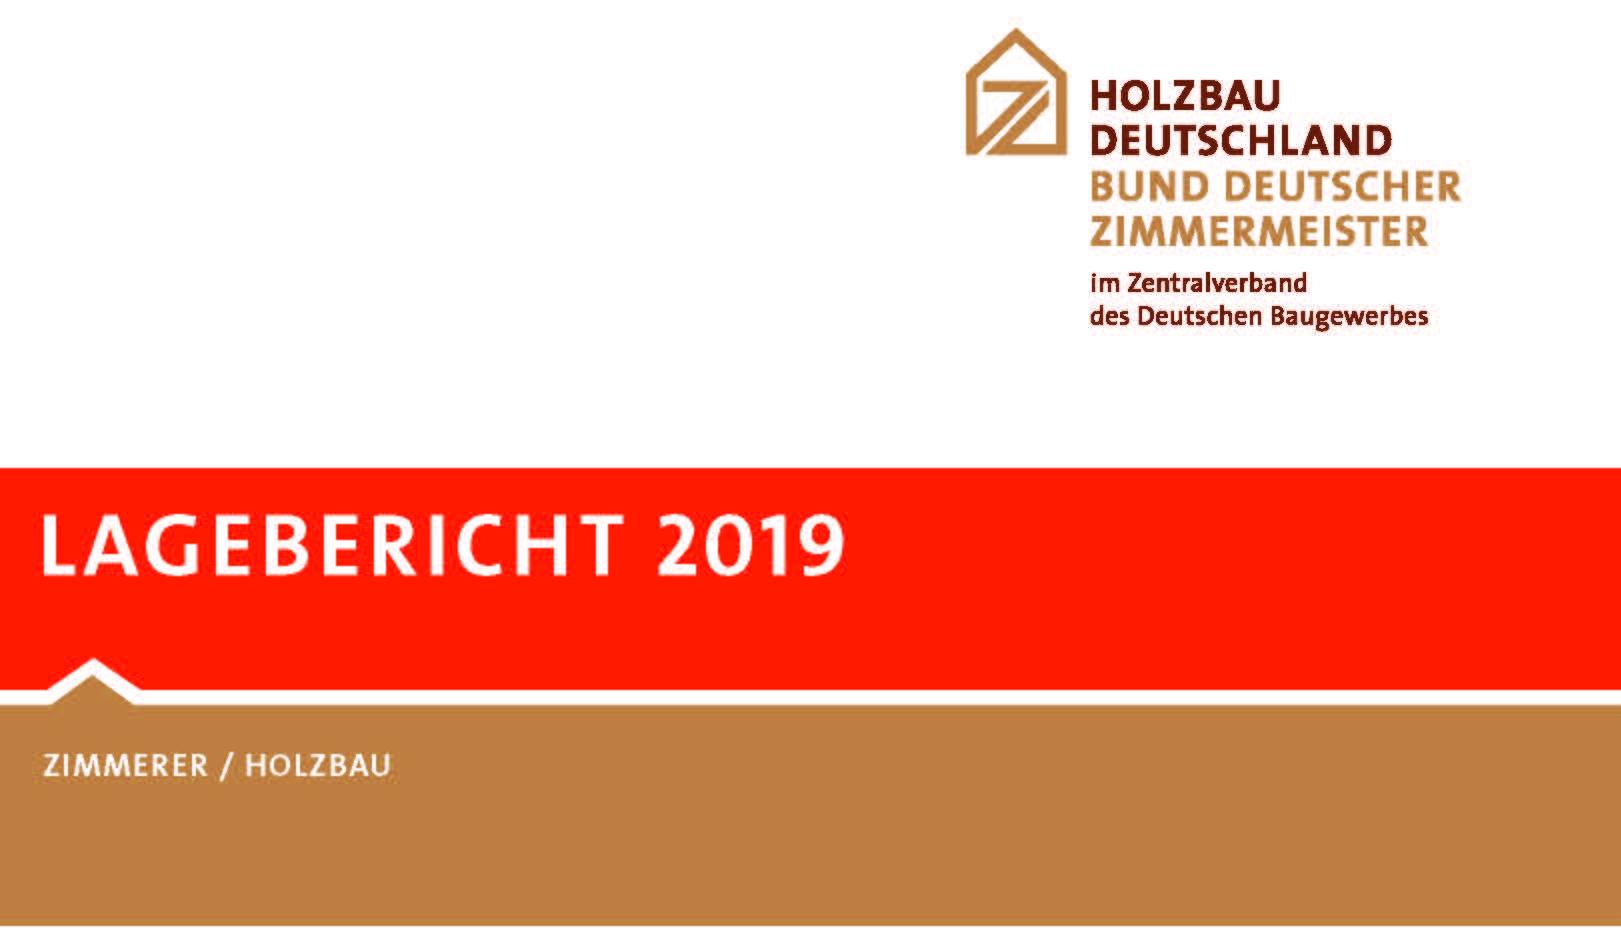 Lagebericht, Holzbau Deutschland